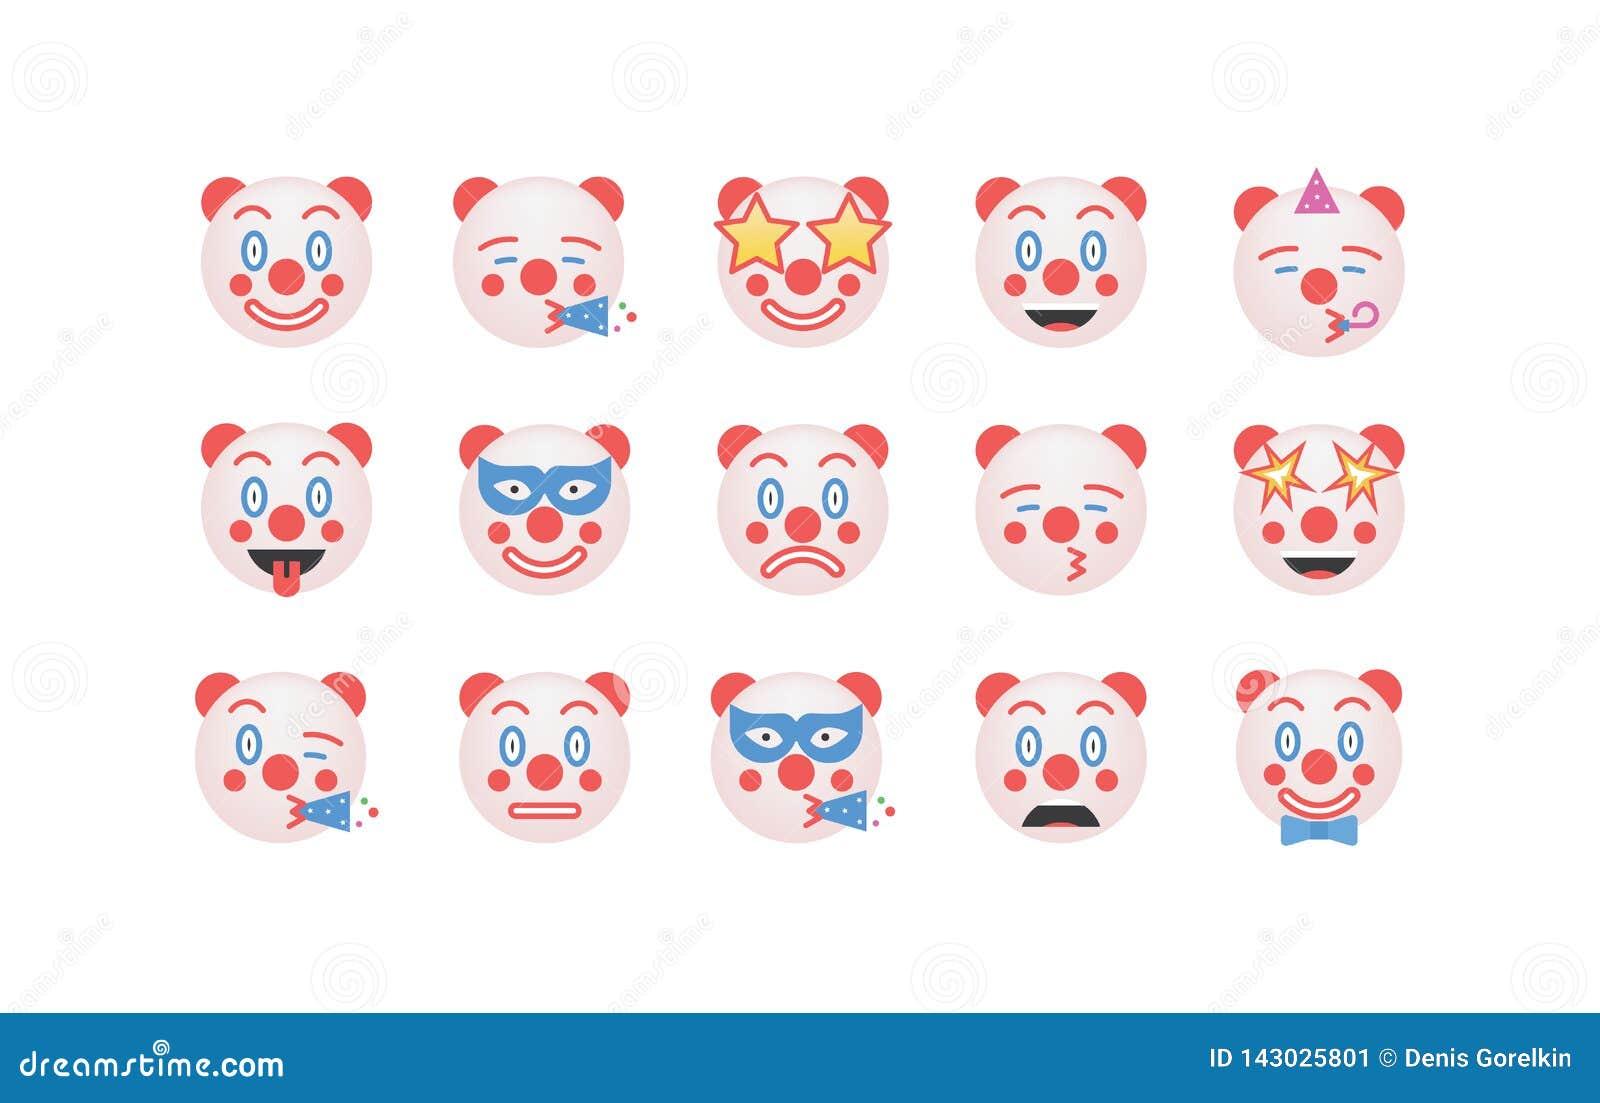 Set of clown emoticon vector